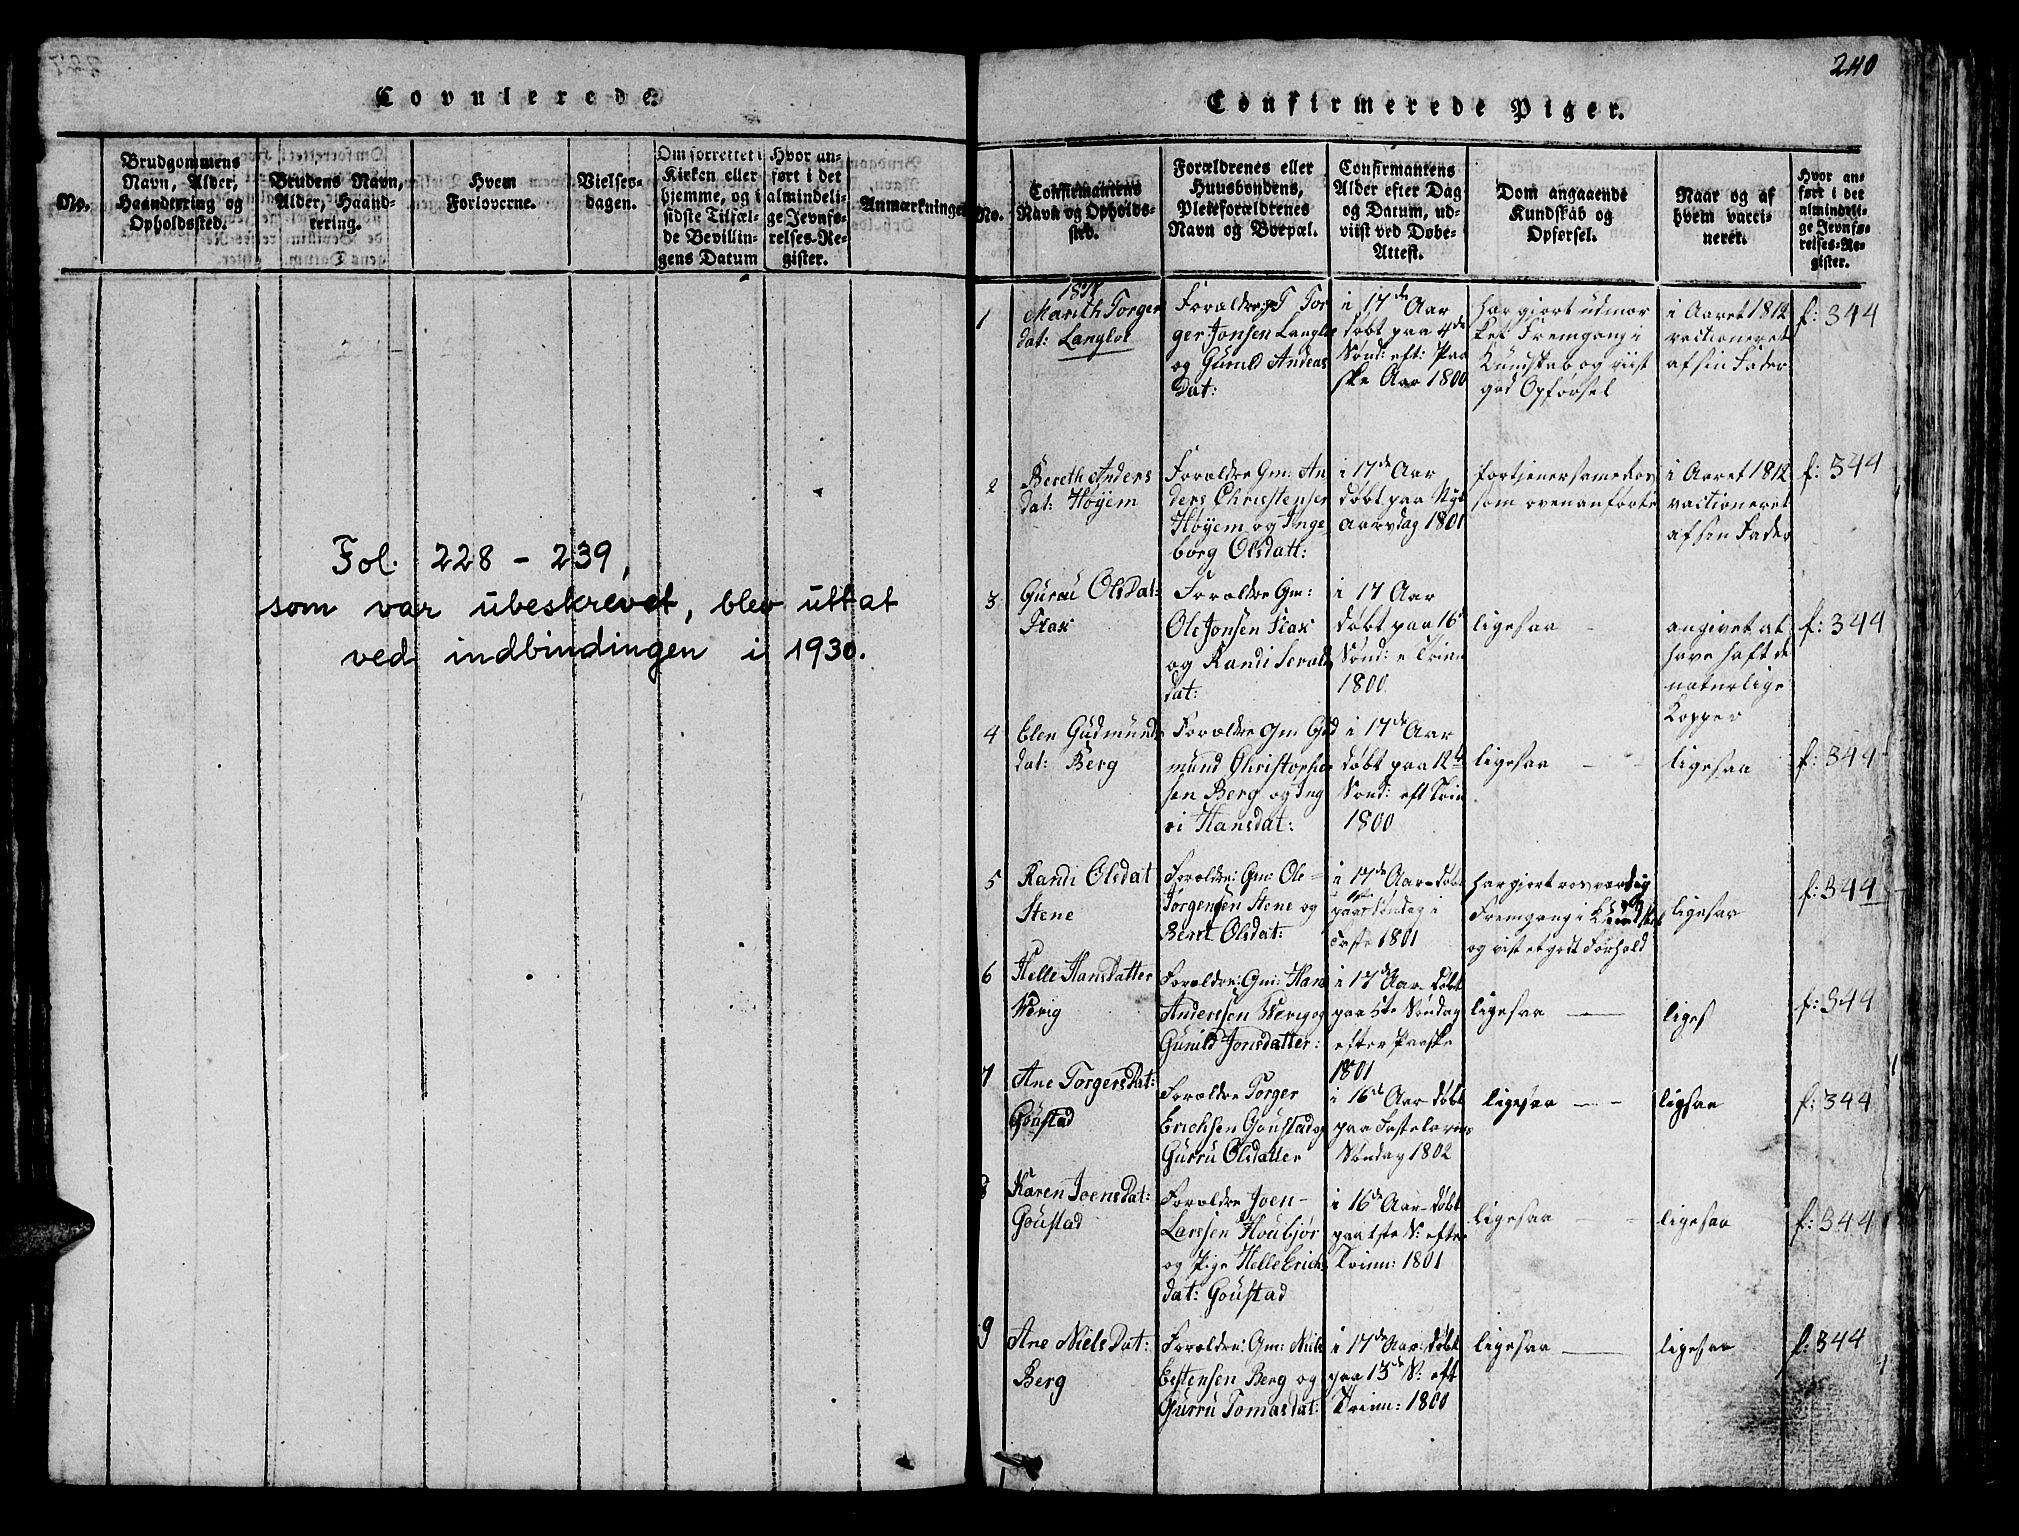 SAT, Ministerialprotokoller, klokkerbøker og fødselsregistre - Sør-Trøndelag, 612/L0385: Klokkerbok nr. 612C01, 1816-1845, s. 240